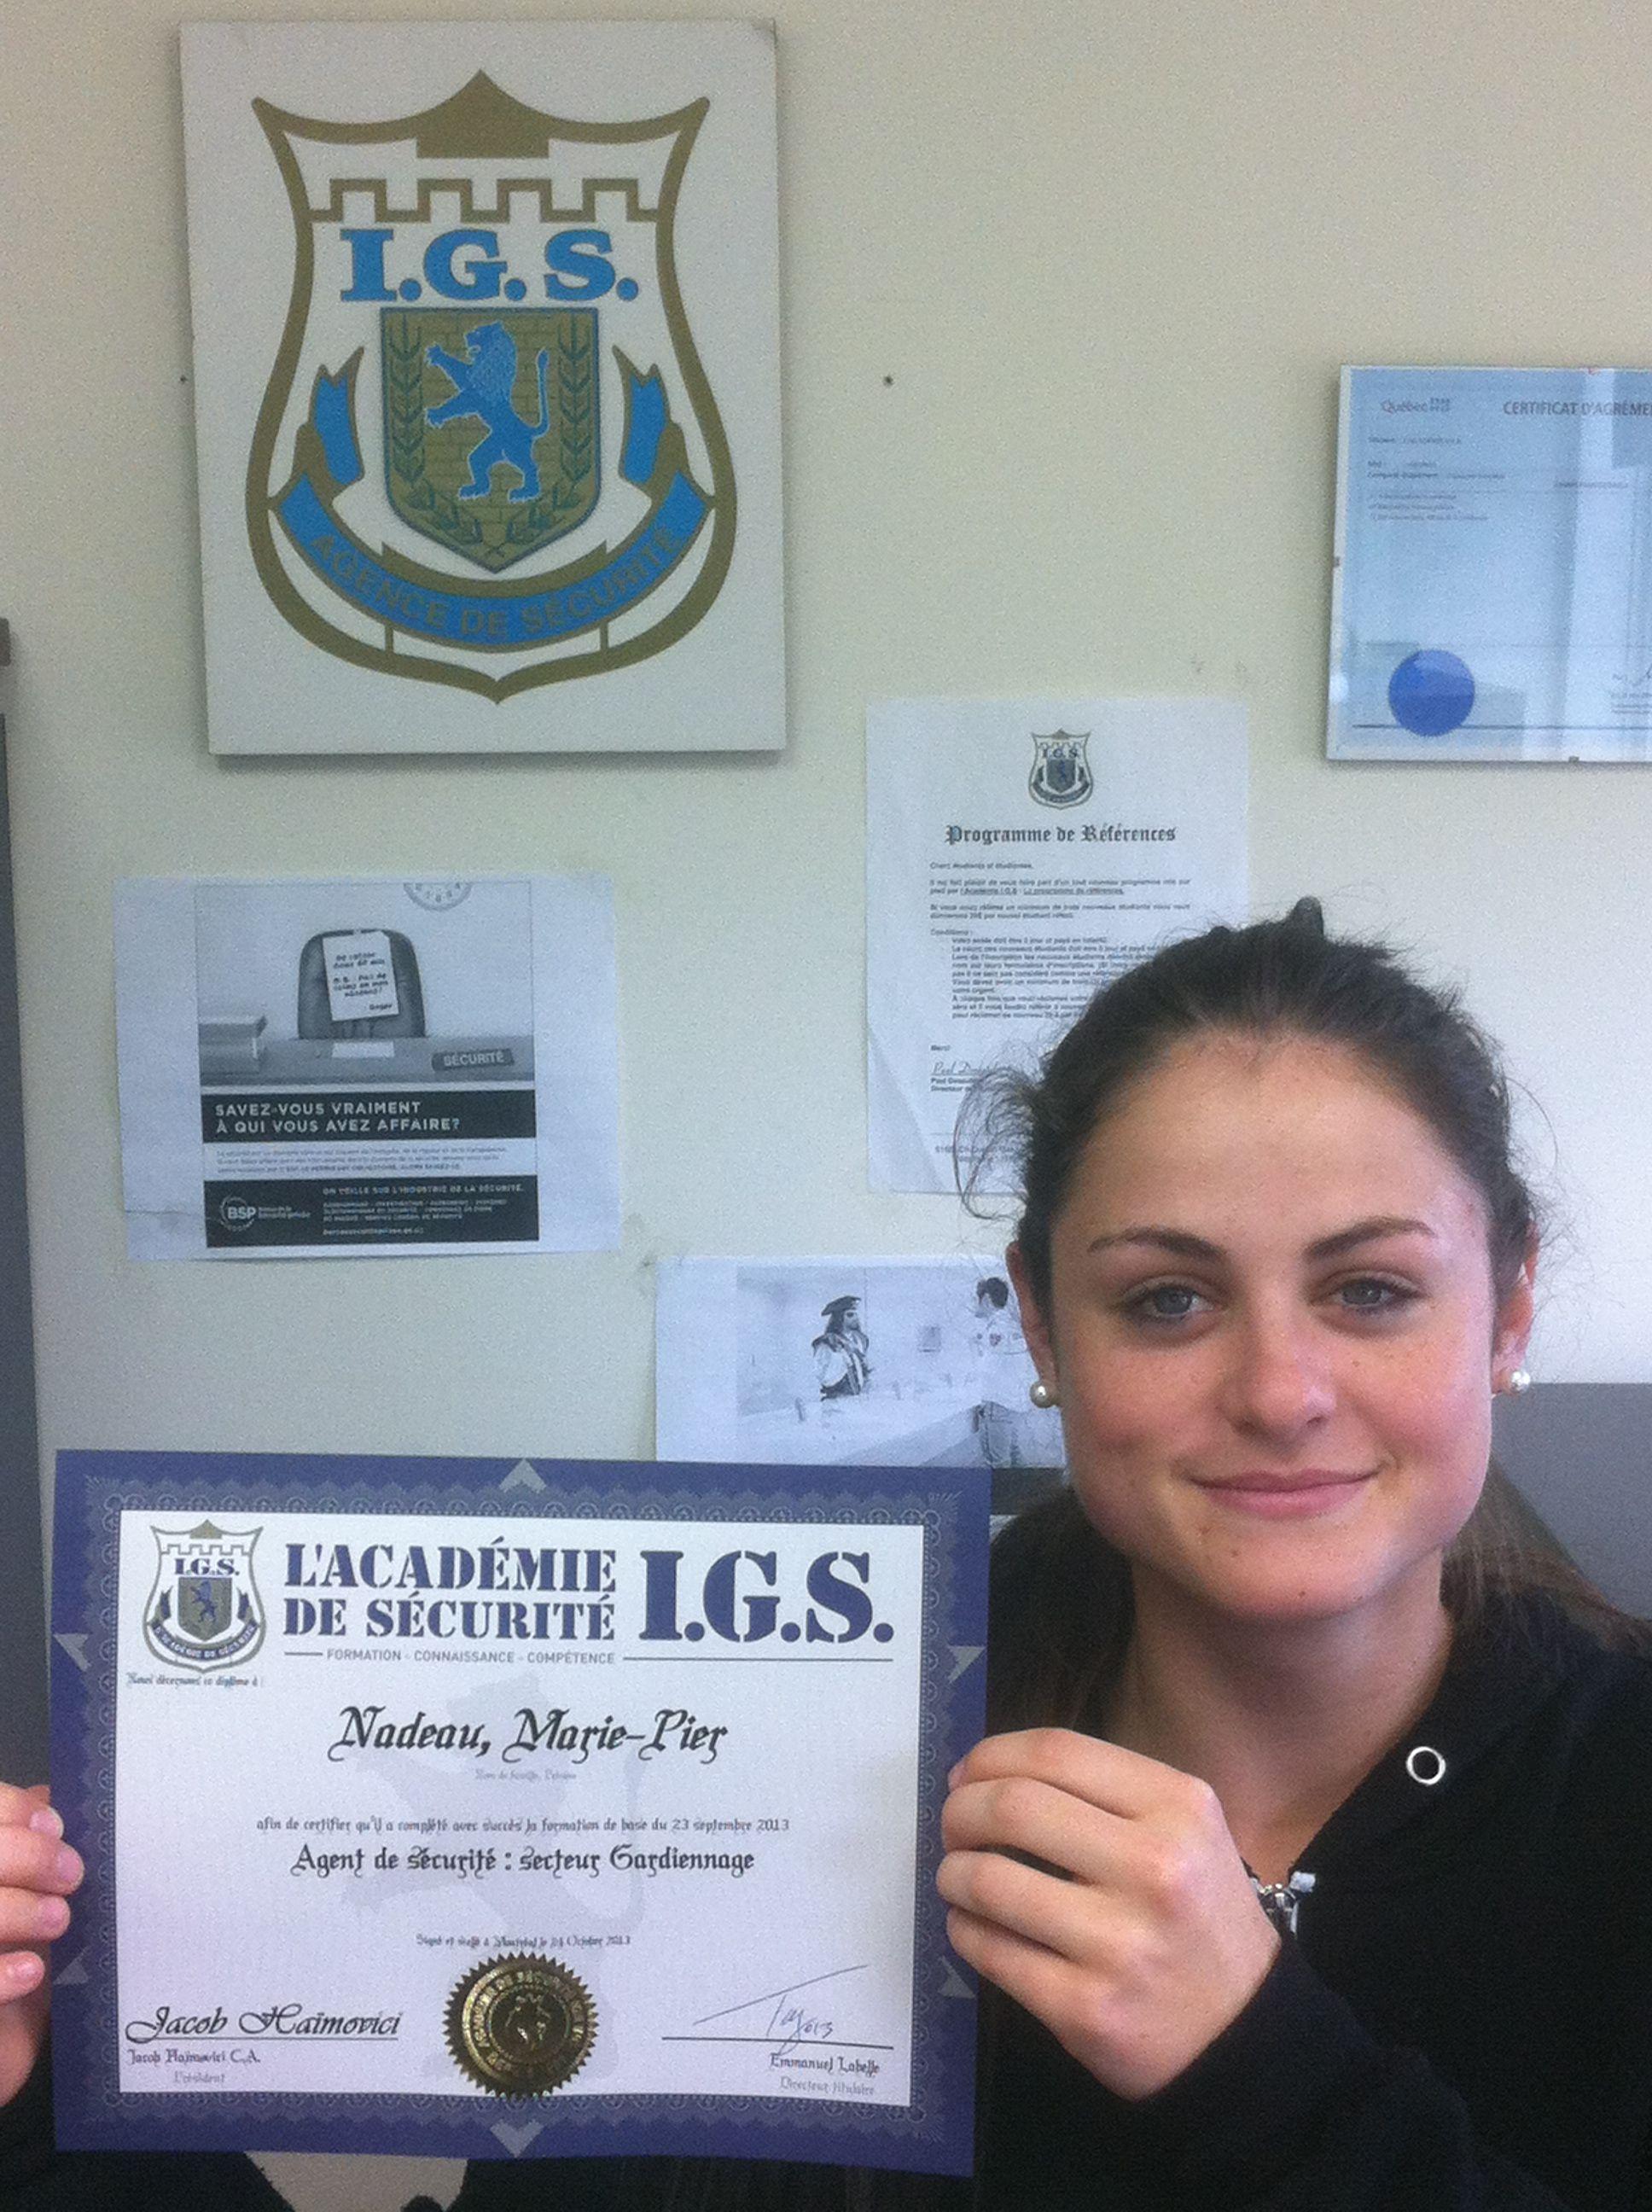 J'ai obtenu mon Diplôme d'agent de Gardiennage suite à ma Formation d'agent de sécurité à L'Académie de sécurité I.G.S.